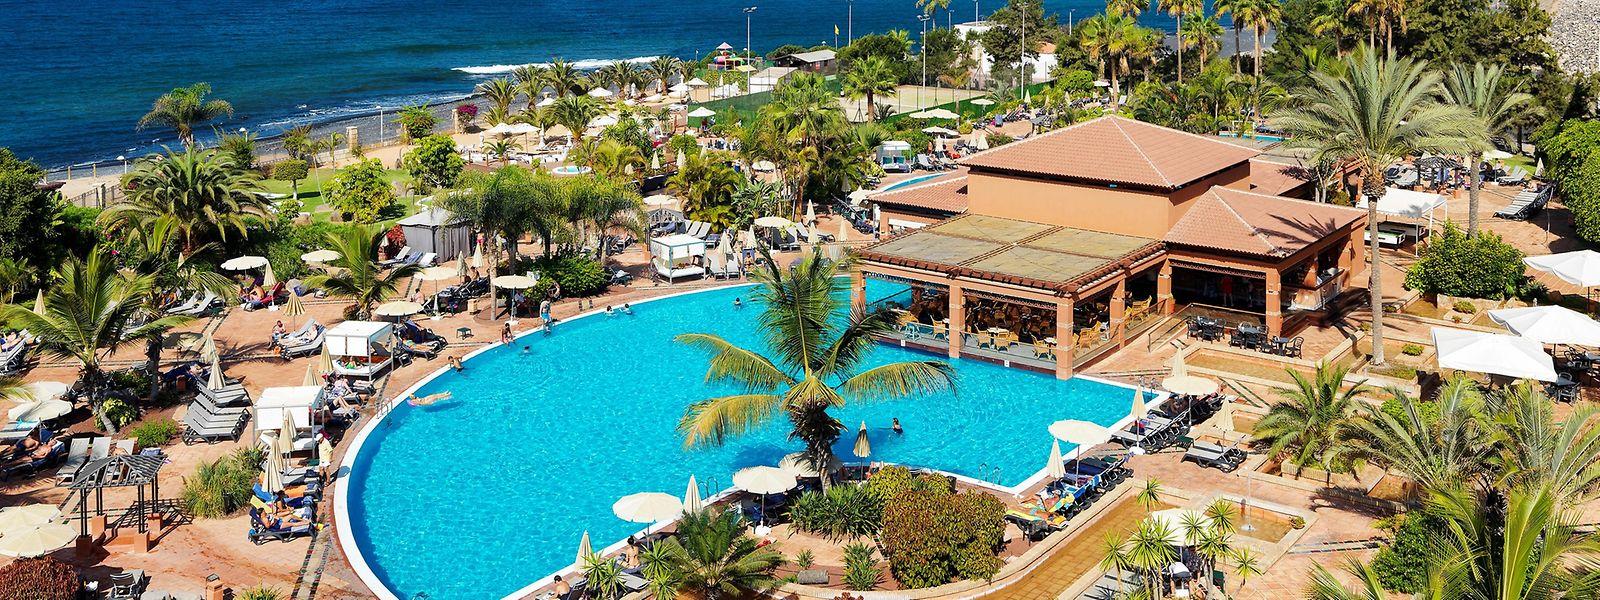 Près d'un millier de personnes sont actuellement isolées dans l'hôtel H10 Costa Adeje Palace